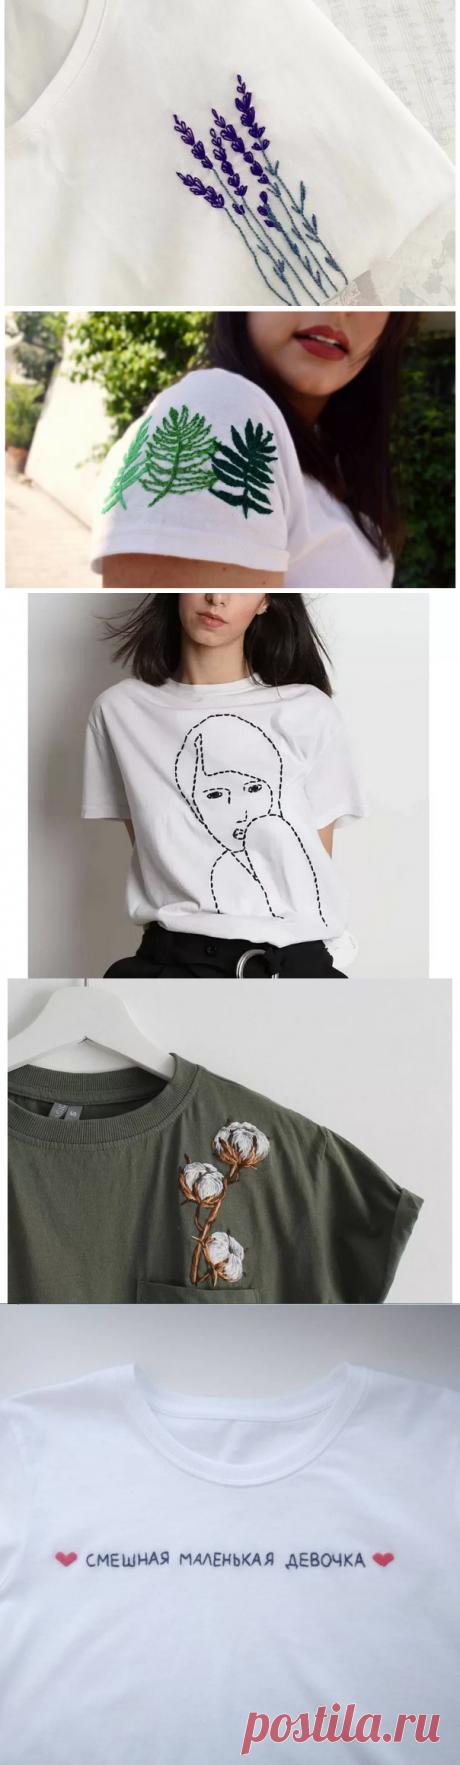 Украшаем футболку вышивкой - 15 ненавязчивых и не особо сложных, но симпатичных идей